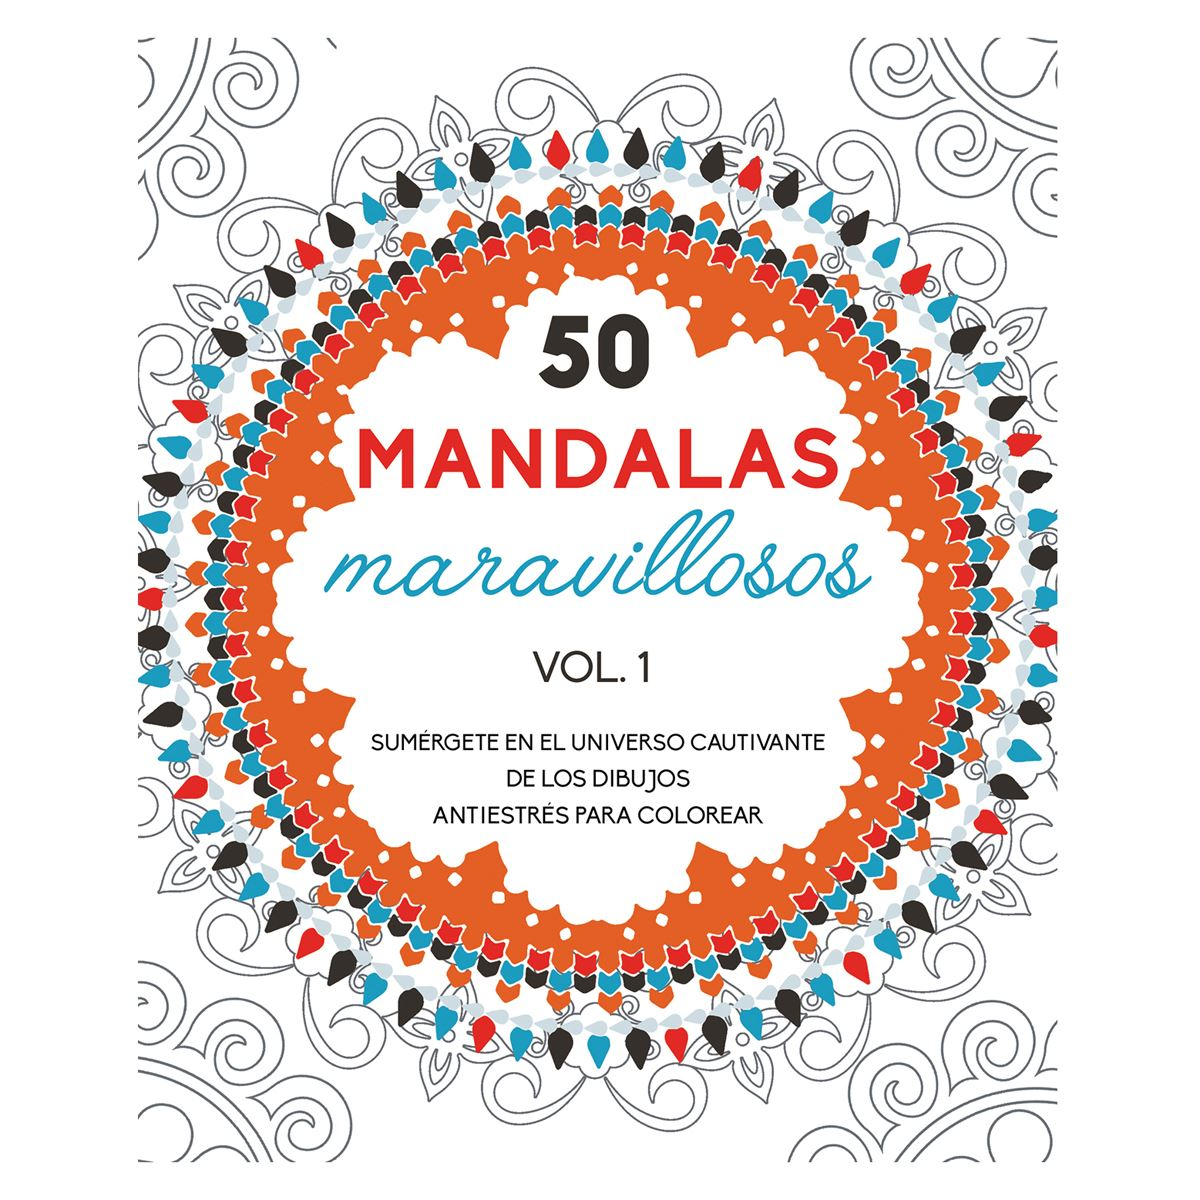 50 mandalas maravillosos vol. 1 Libro - Sanborns